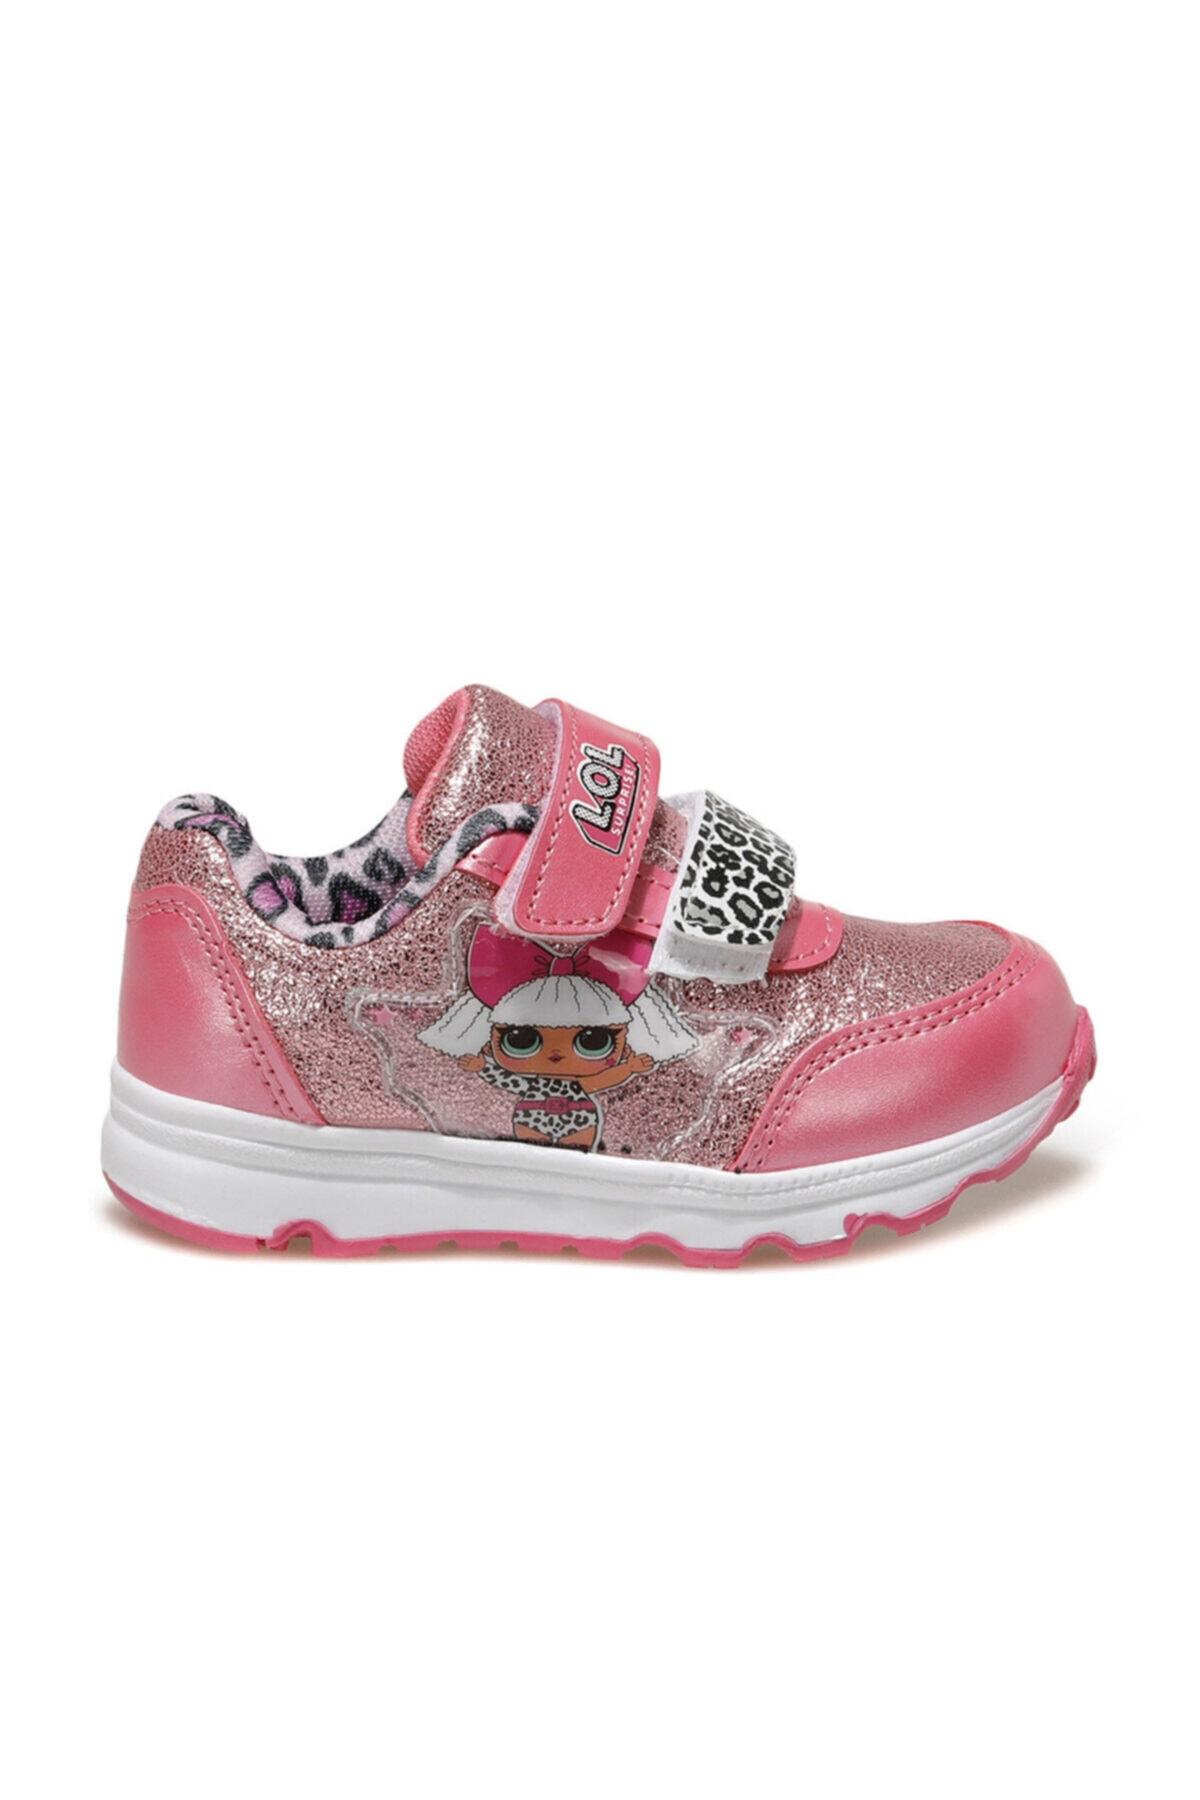 LOL LEOPY.P Fuşya Kız Çocuk Sneaker Ayakkabı 100561589 2